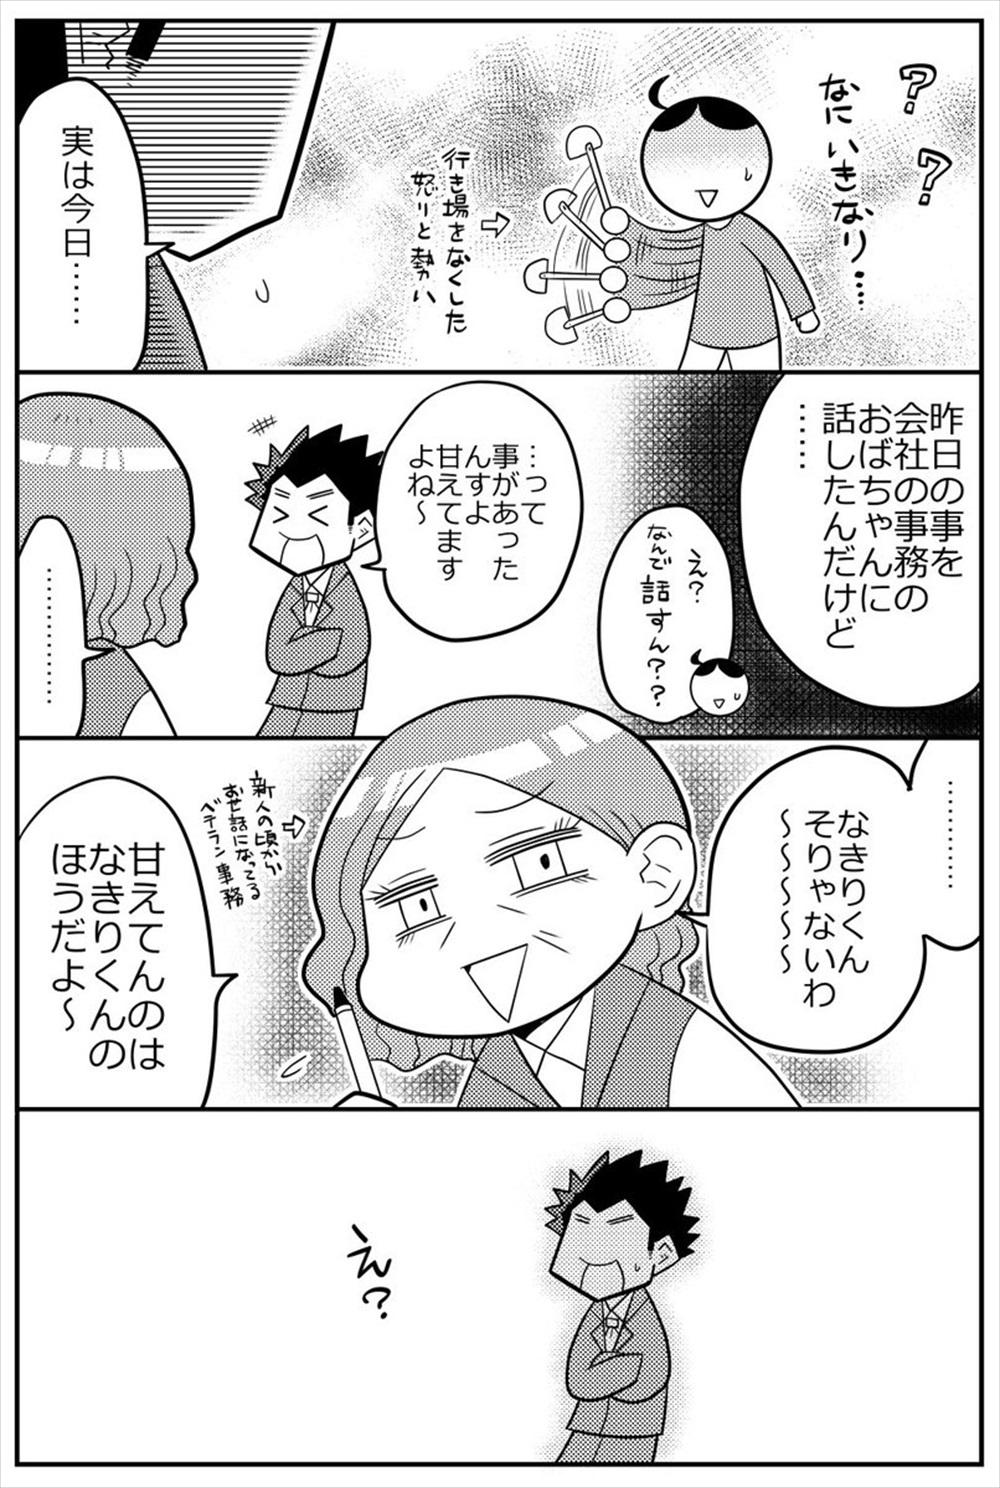 育児漫画8